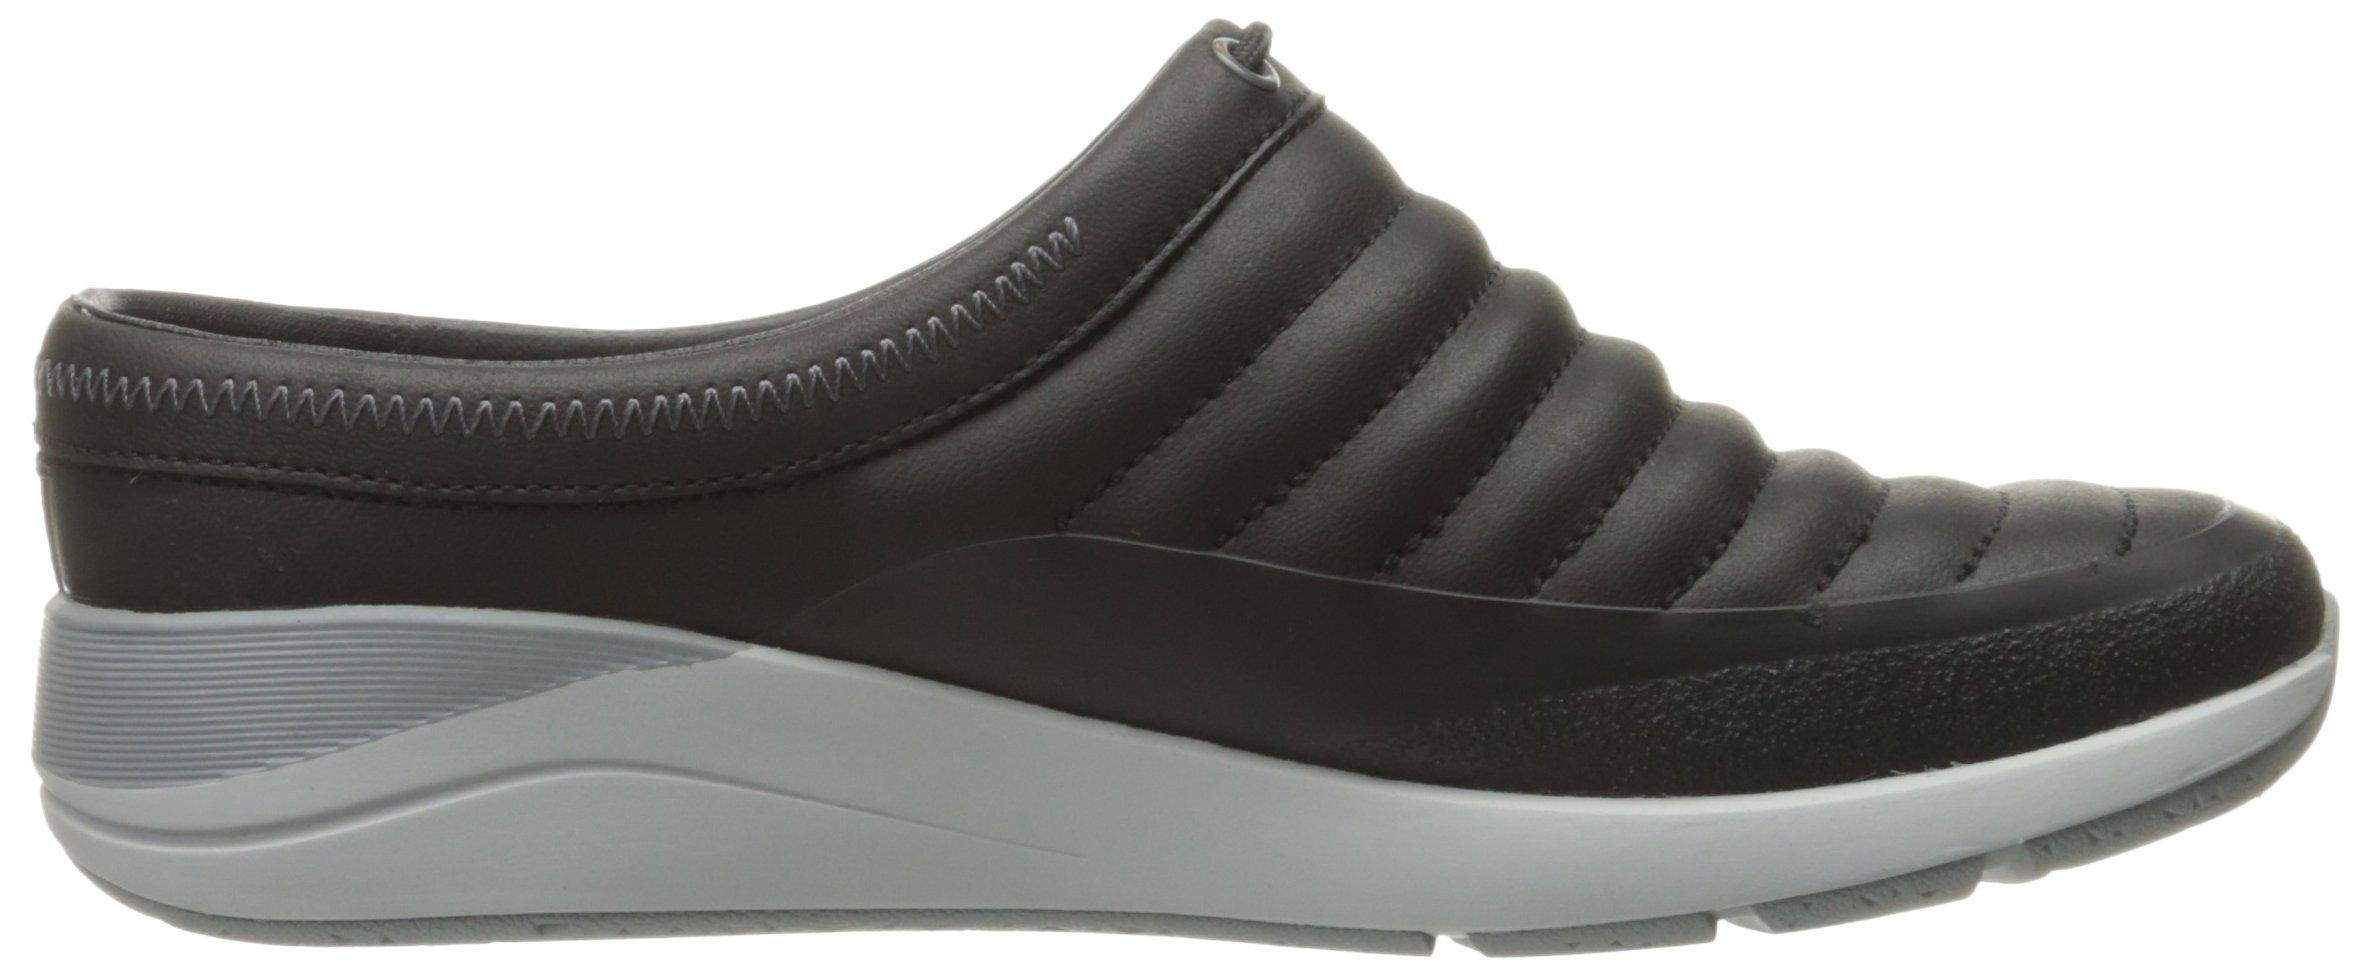 Merrell Women's Applaud Slide Slip-On Shoe, Black, 9.5 M US by Merrell (Image #7)